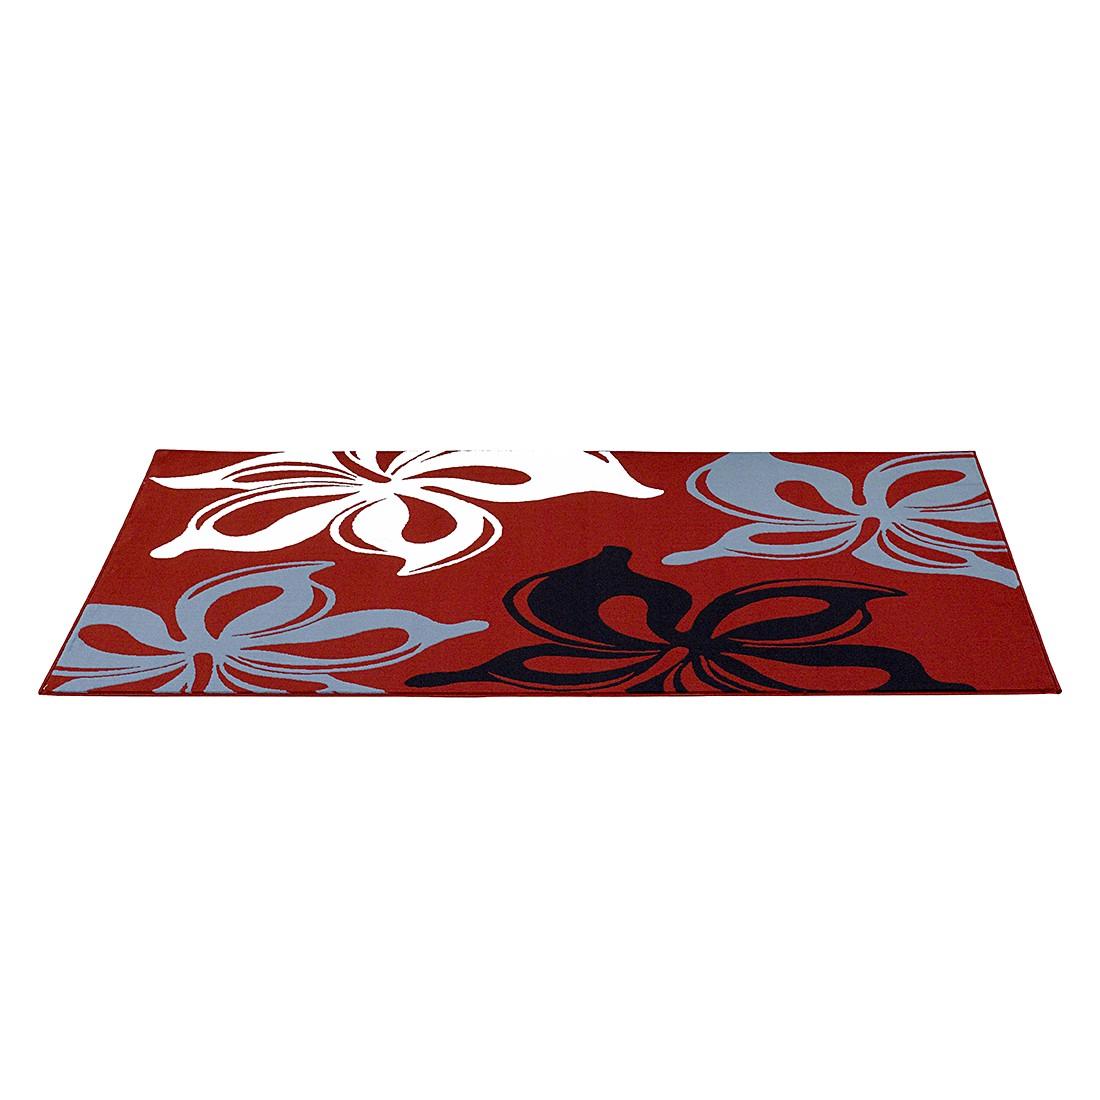 Teppich Flower – Rot – 200 x 290 cm, Hanse Home Collection kaufen